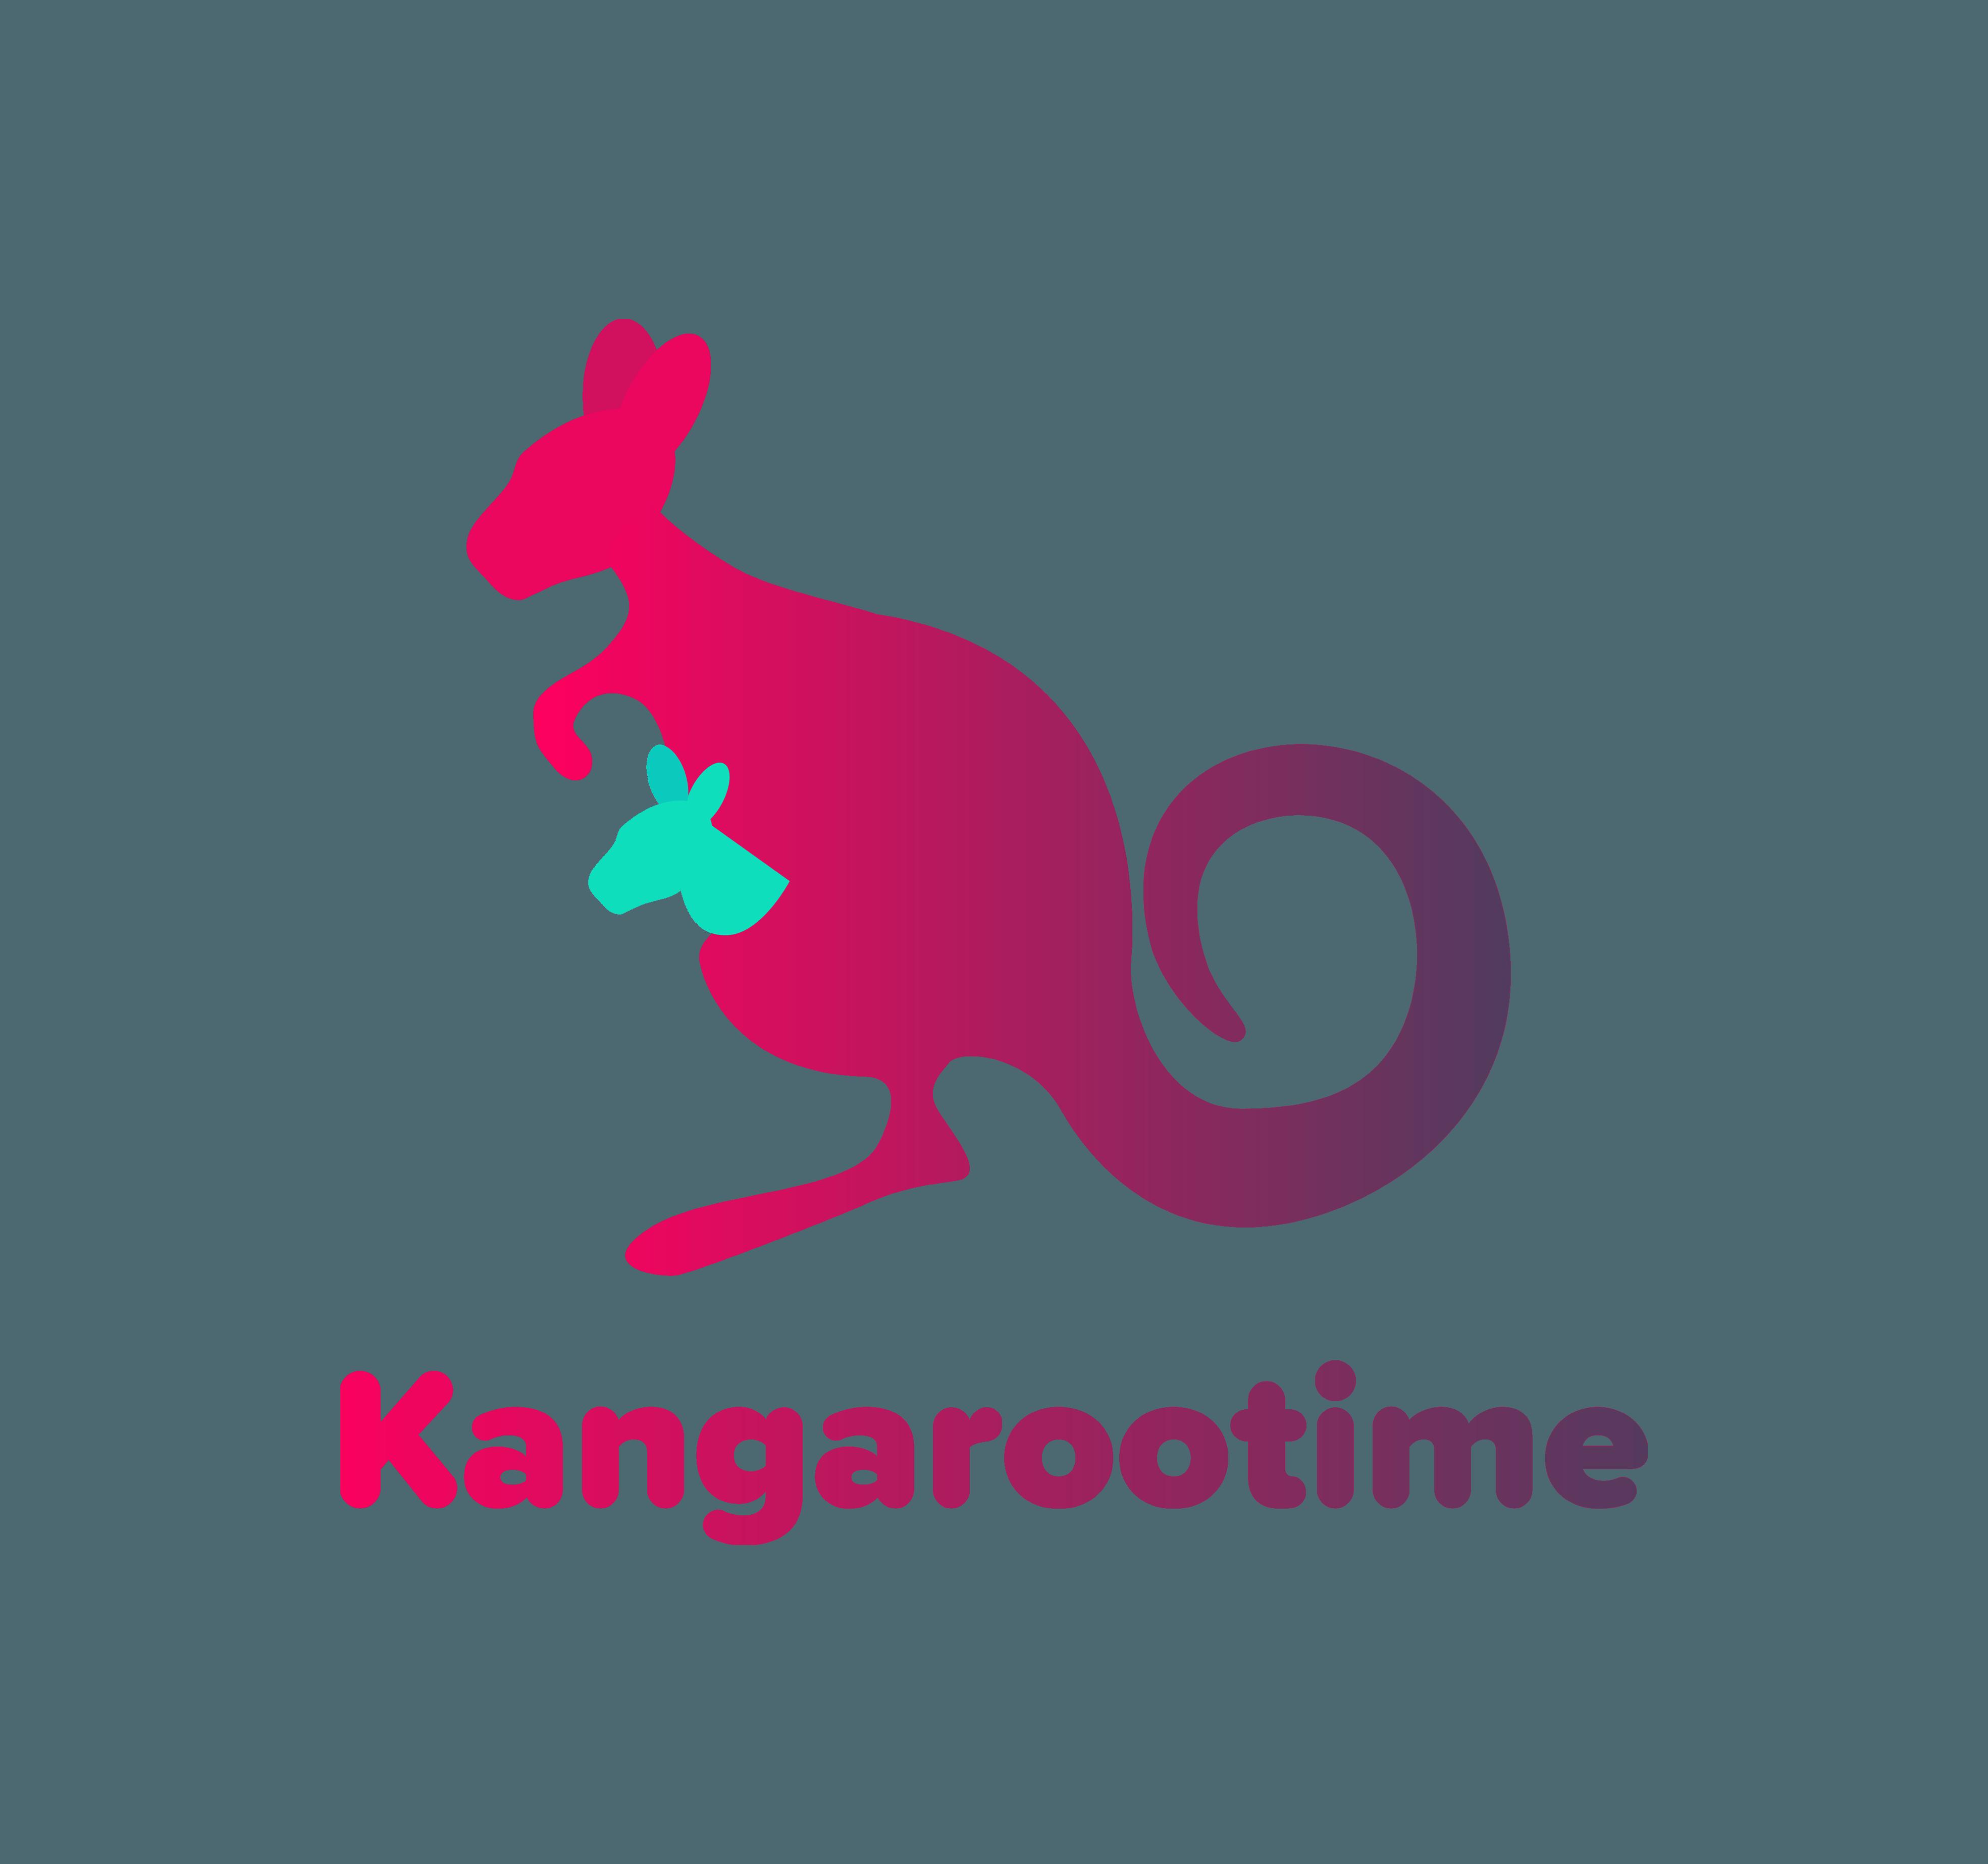 Kangarootime png